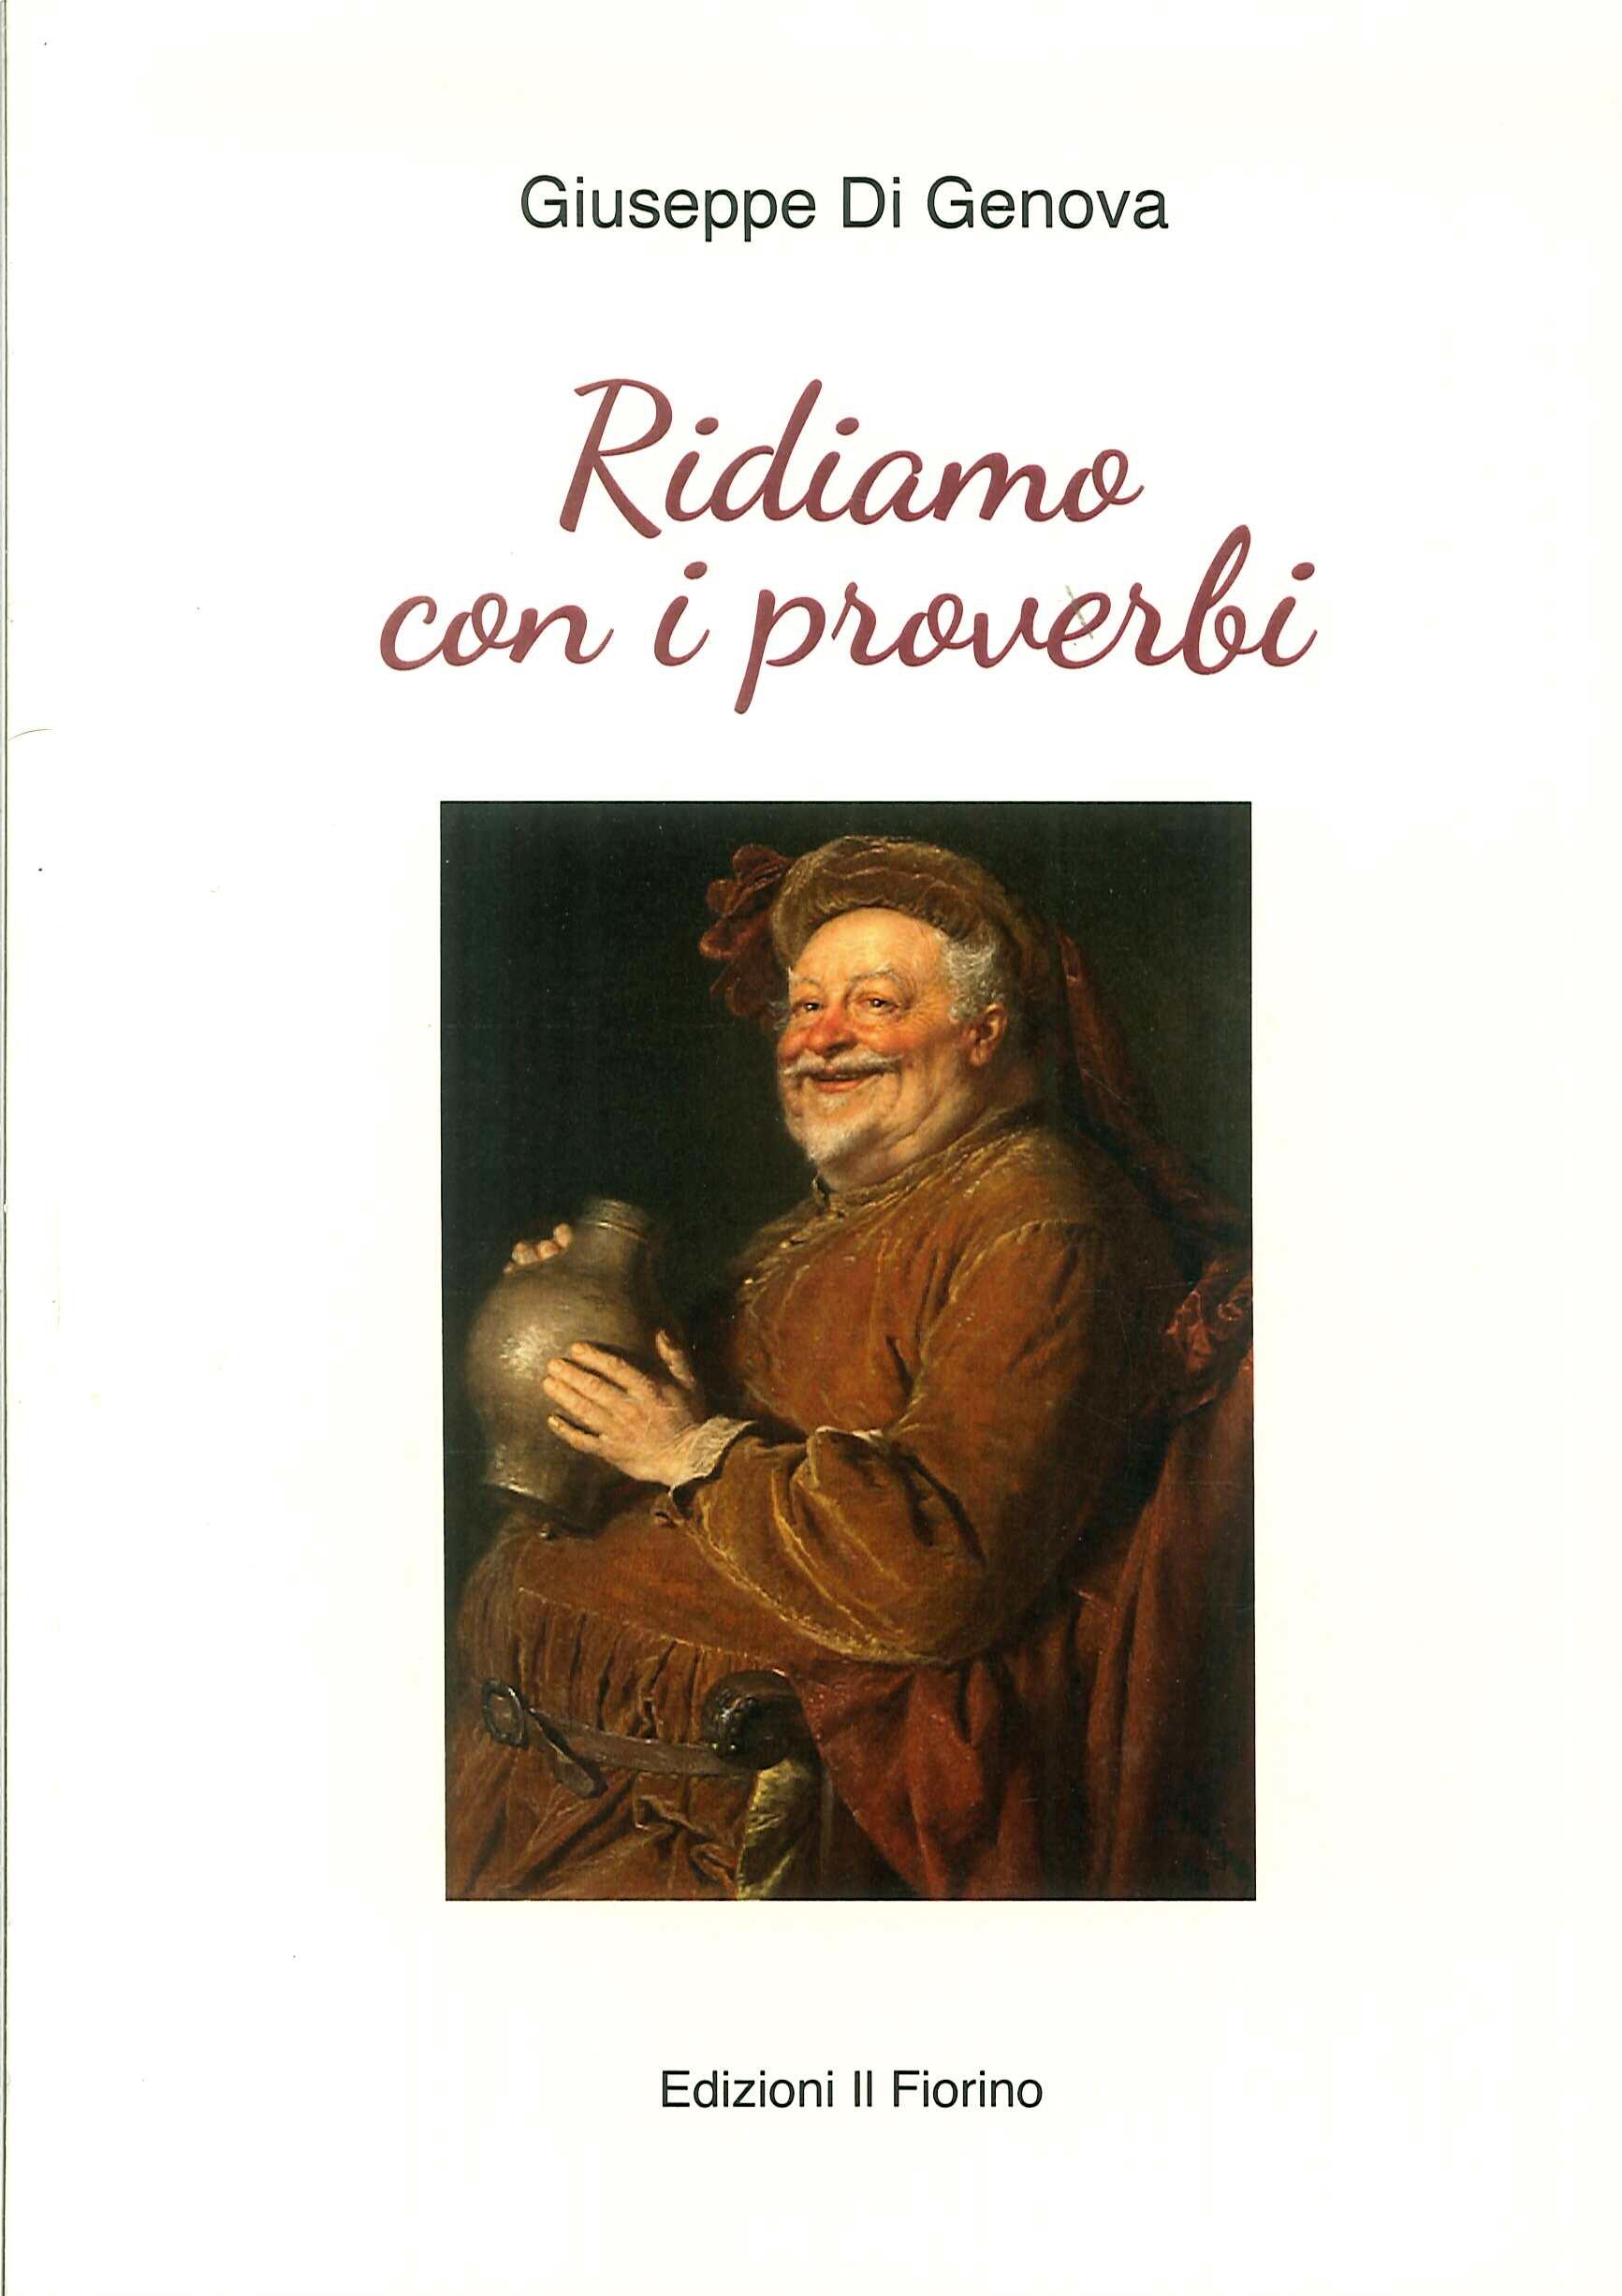 Ridiamo con i proverbi